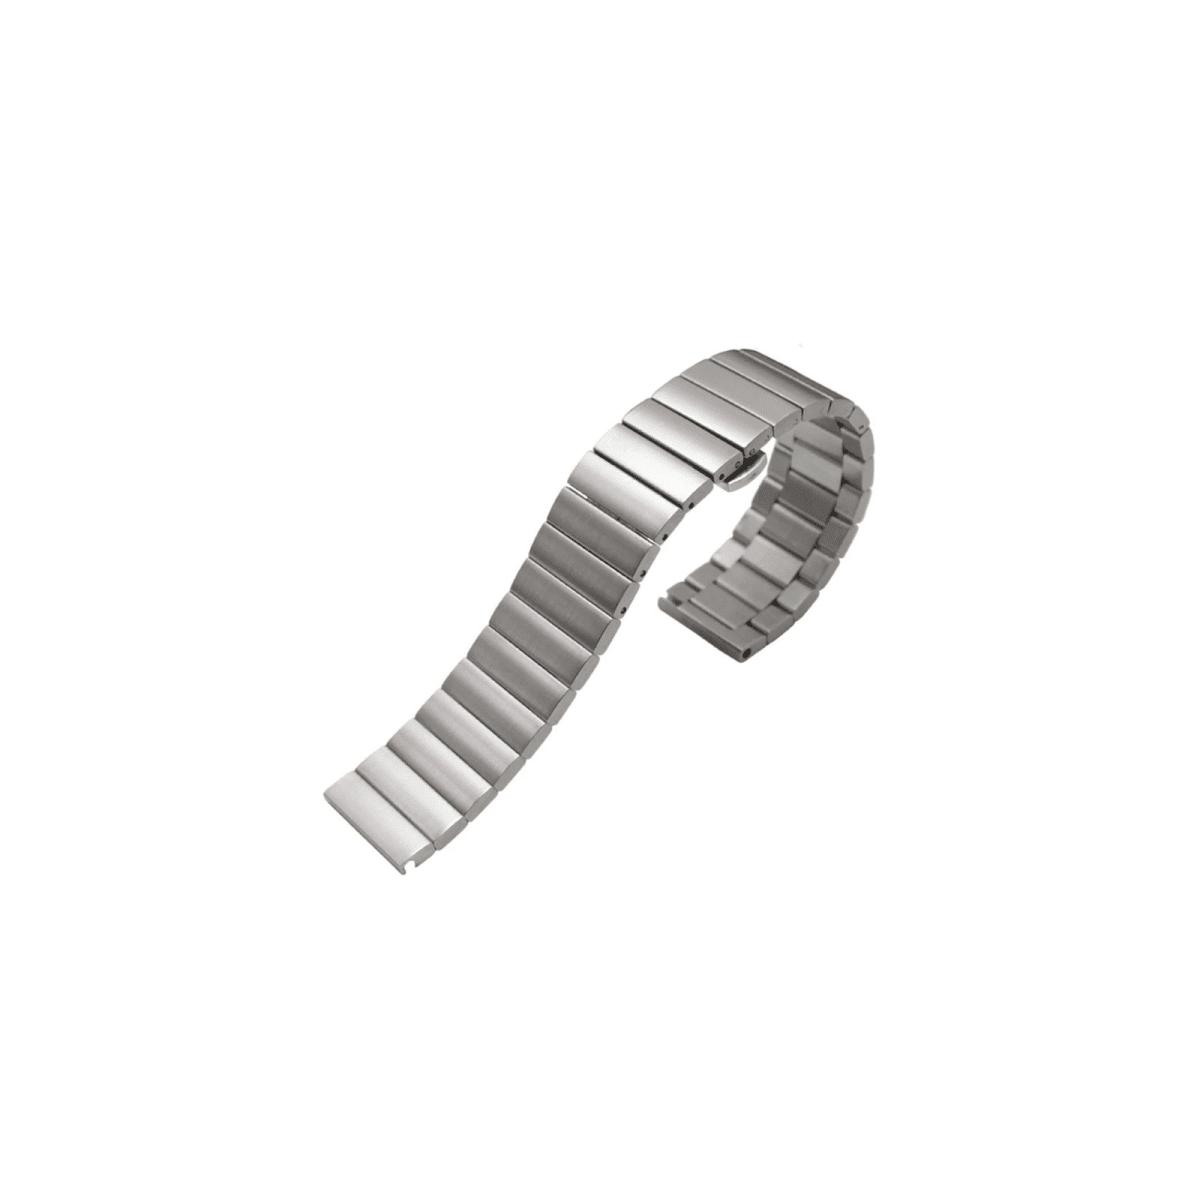 Curea 22mm Huawei GT2 46mm/Gear S3/Huawei W2 Clasic tip Link metalica argintie imagine